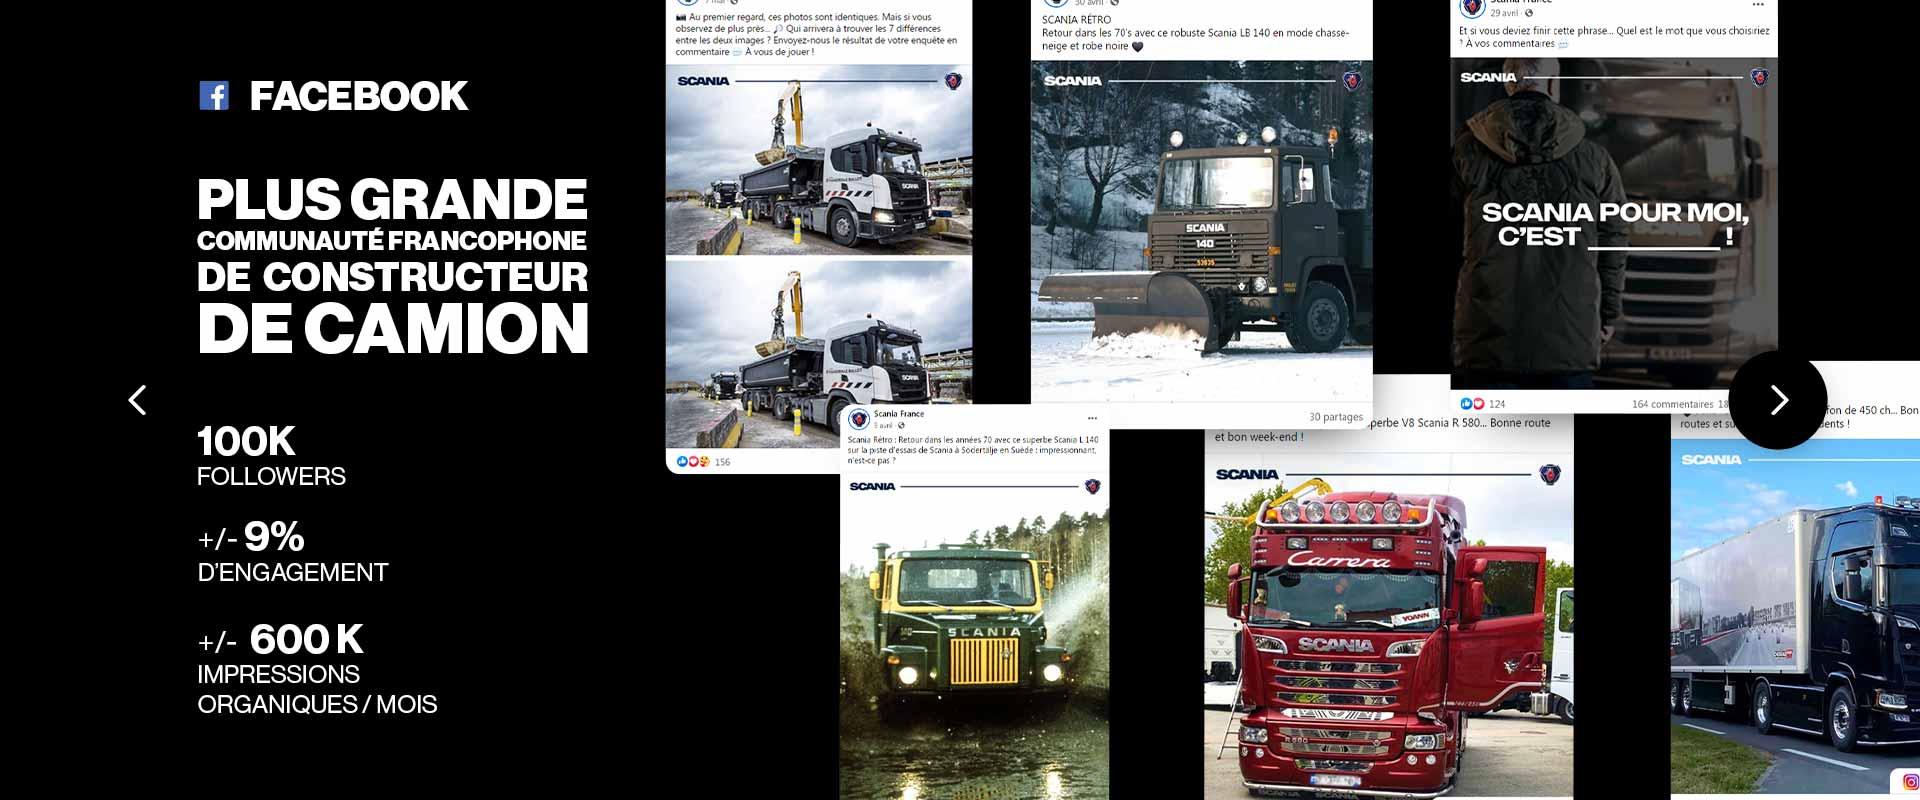 Social Media Management Facebook Scania France